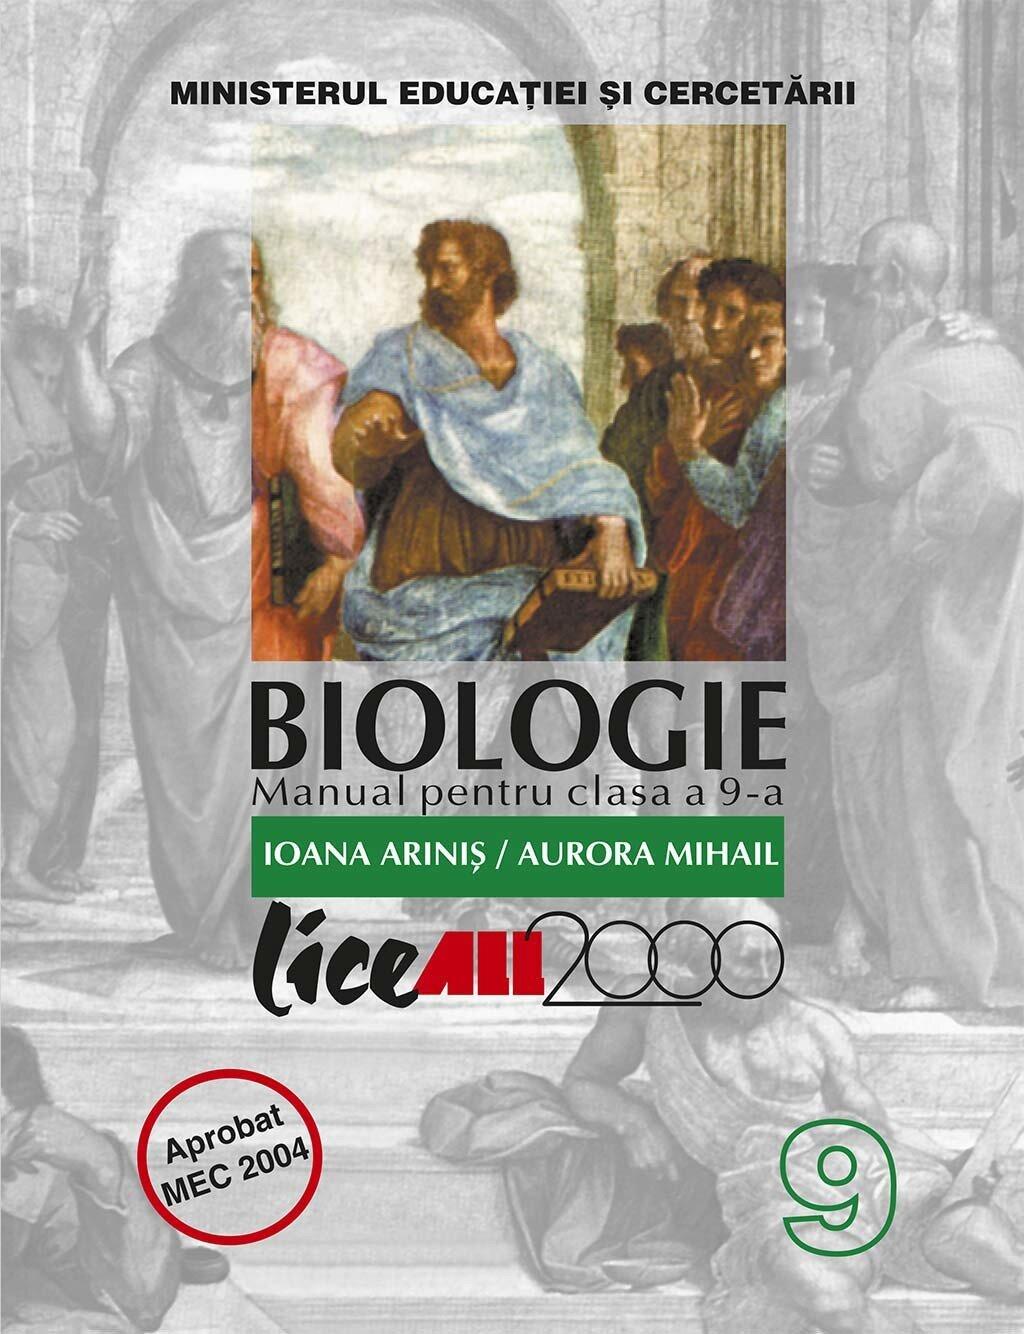 Biologie. Manual pentru clasa a 9-a PDF (Download eBook)